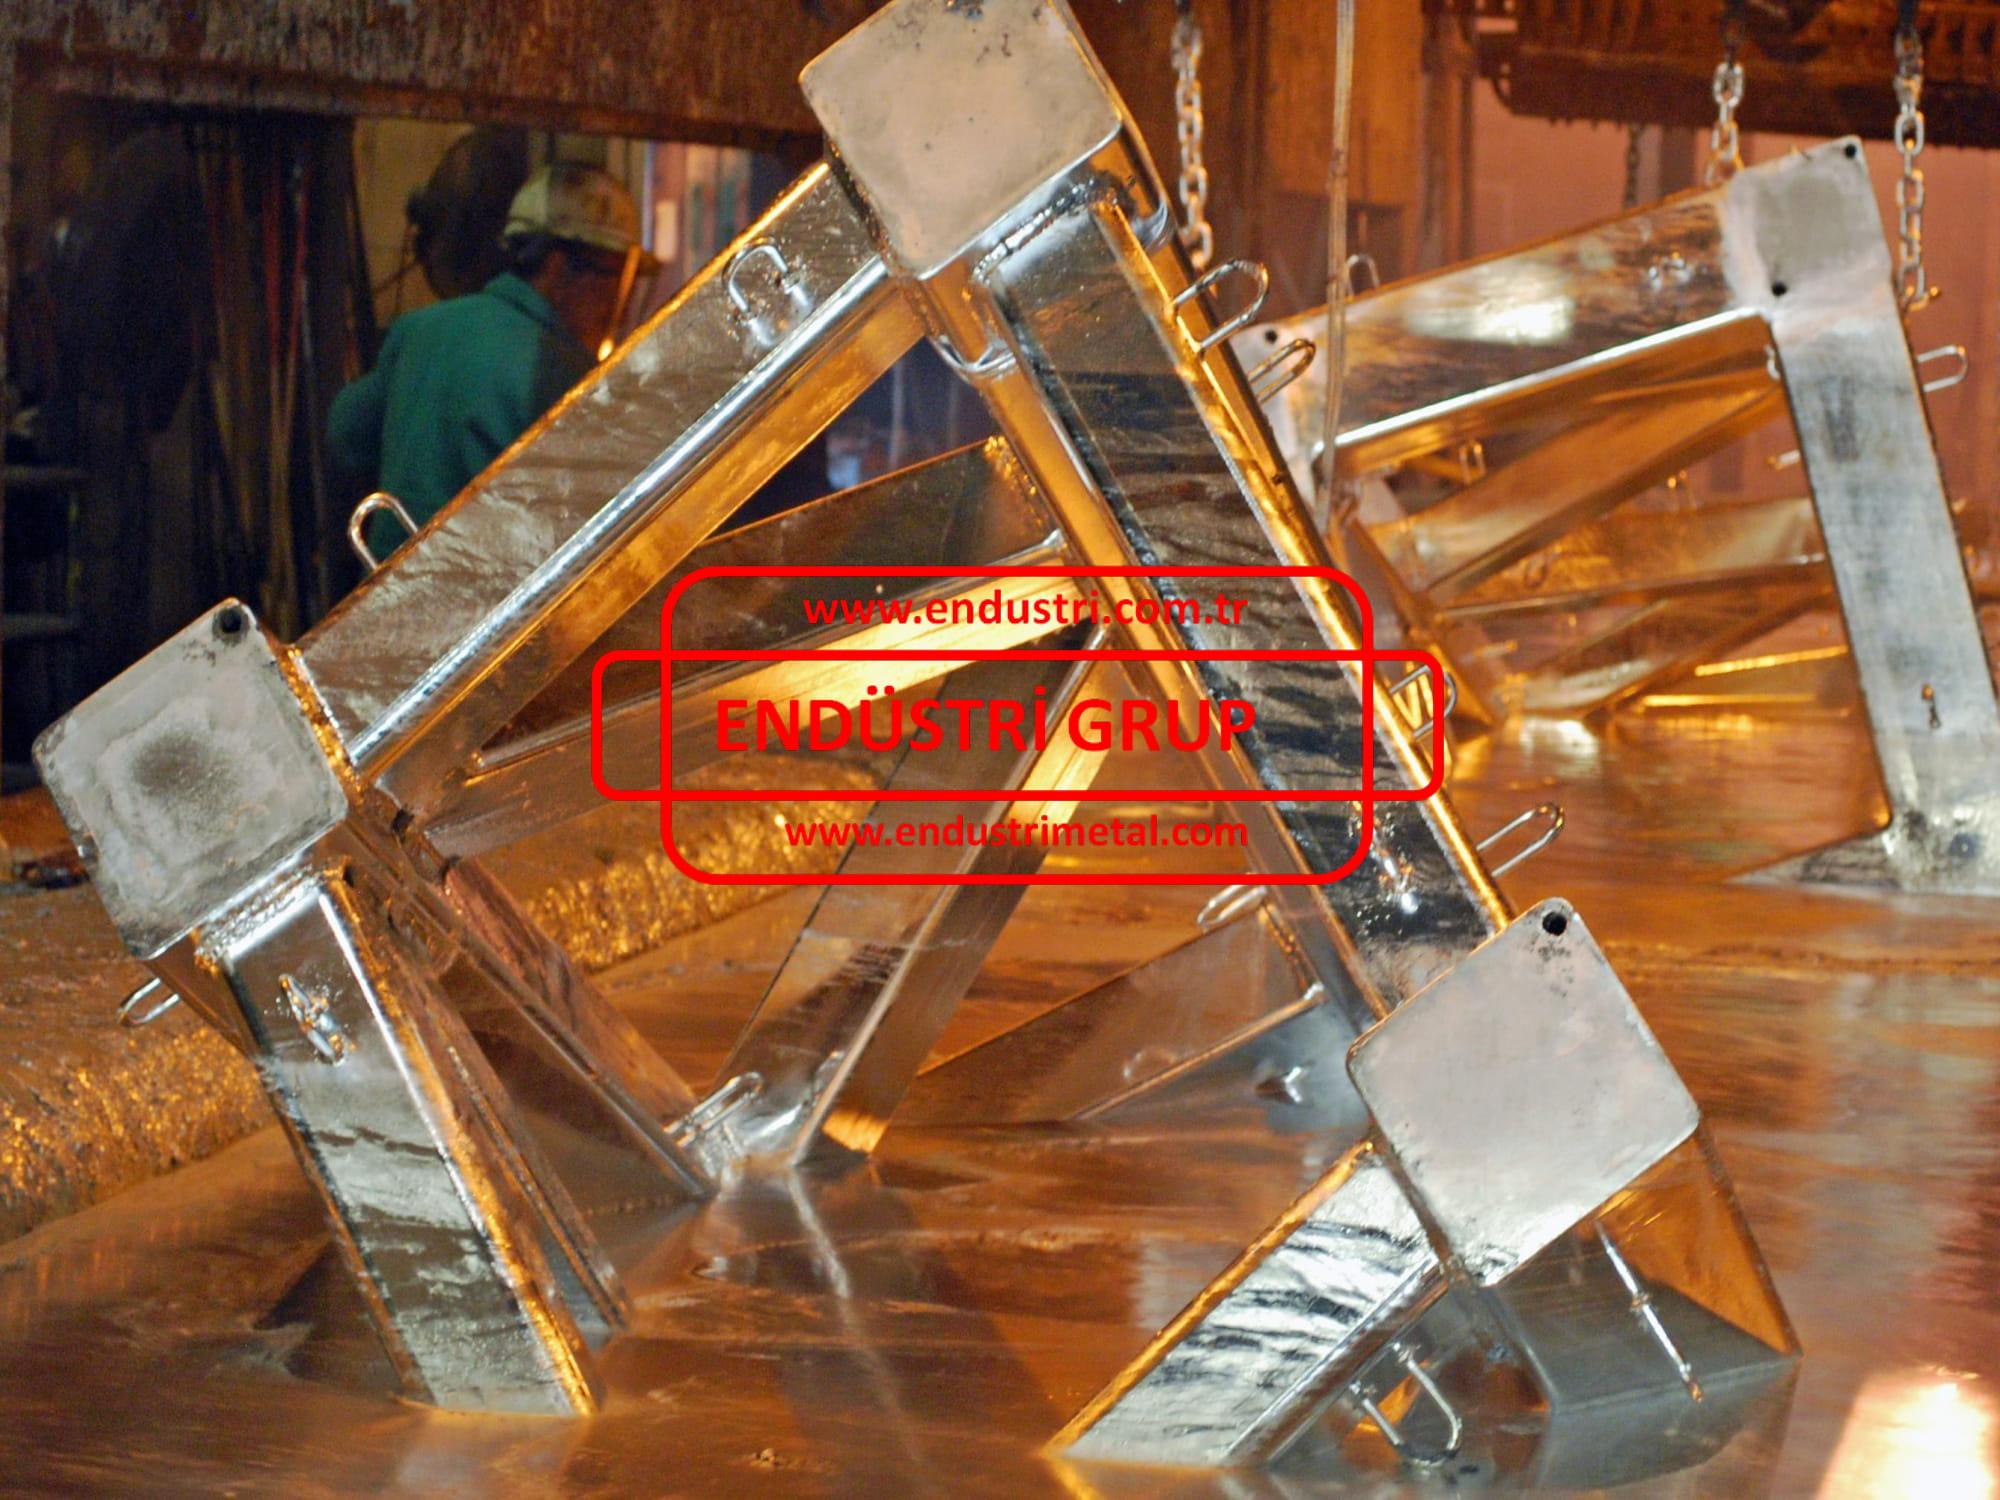 sicak-daldirma-elektro-galvaniz-cinko-kaplama-nedir-kalinligi-nasil-yapilir-fiyati